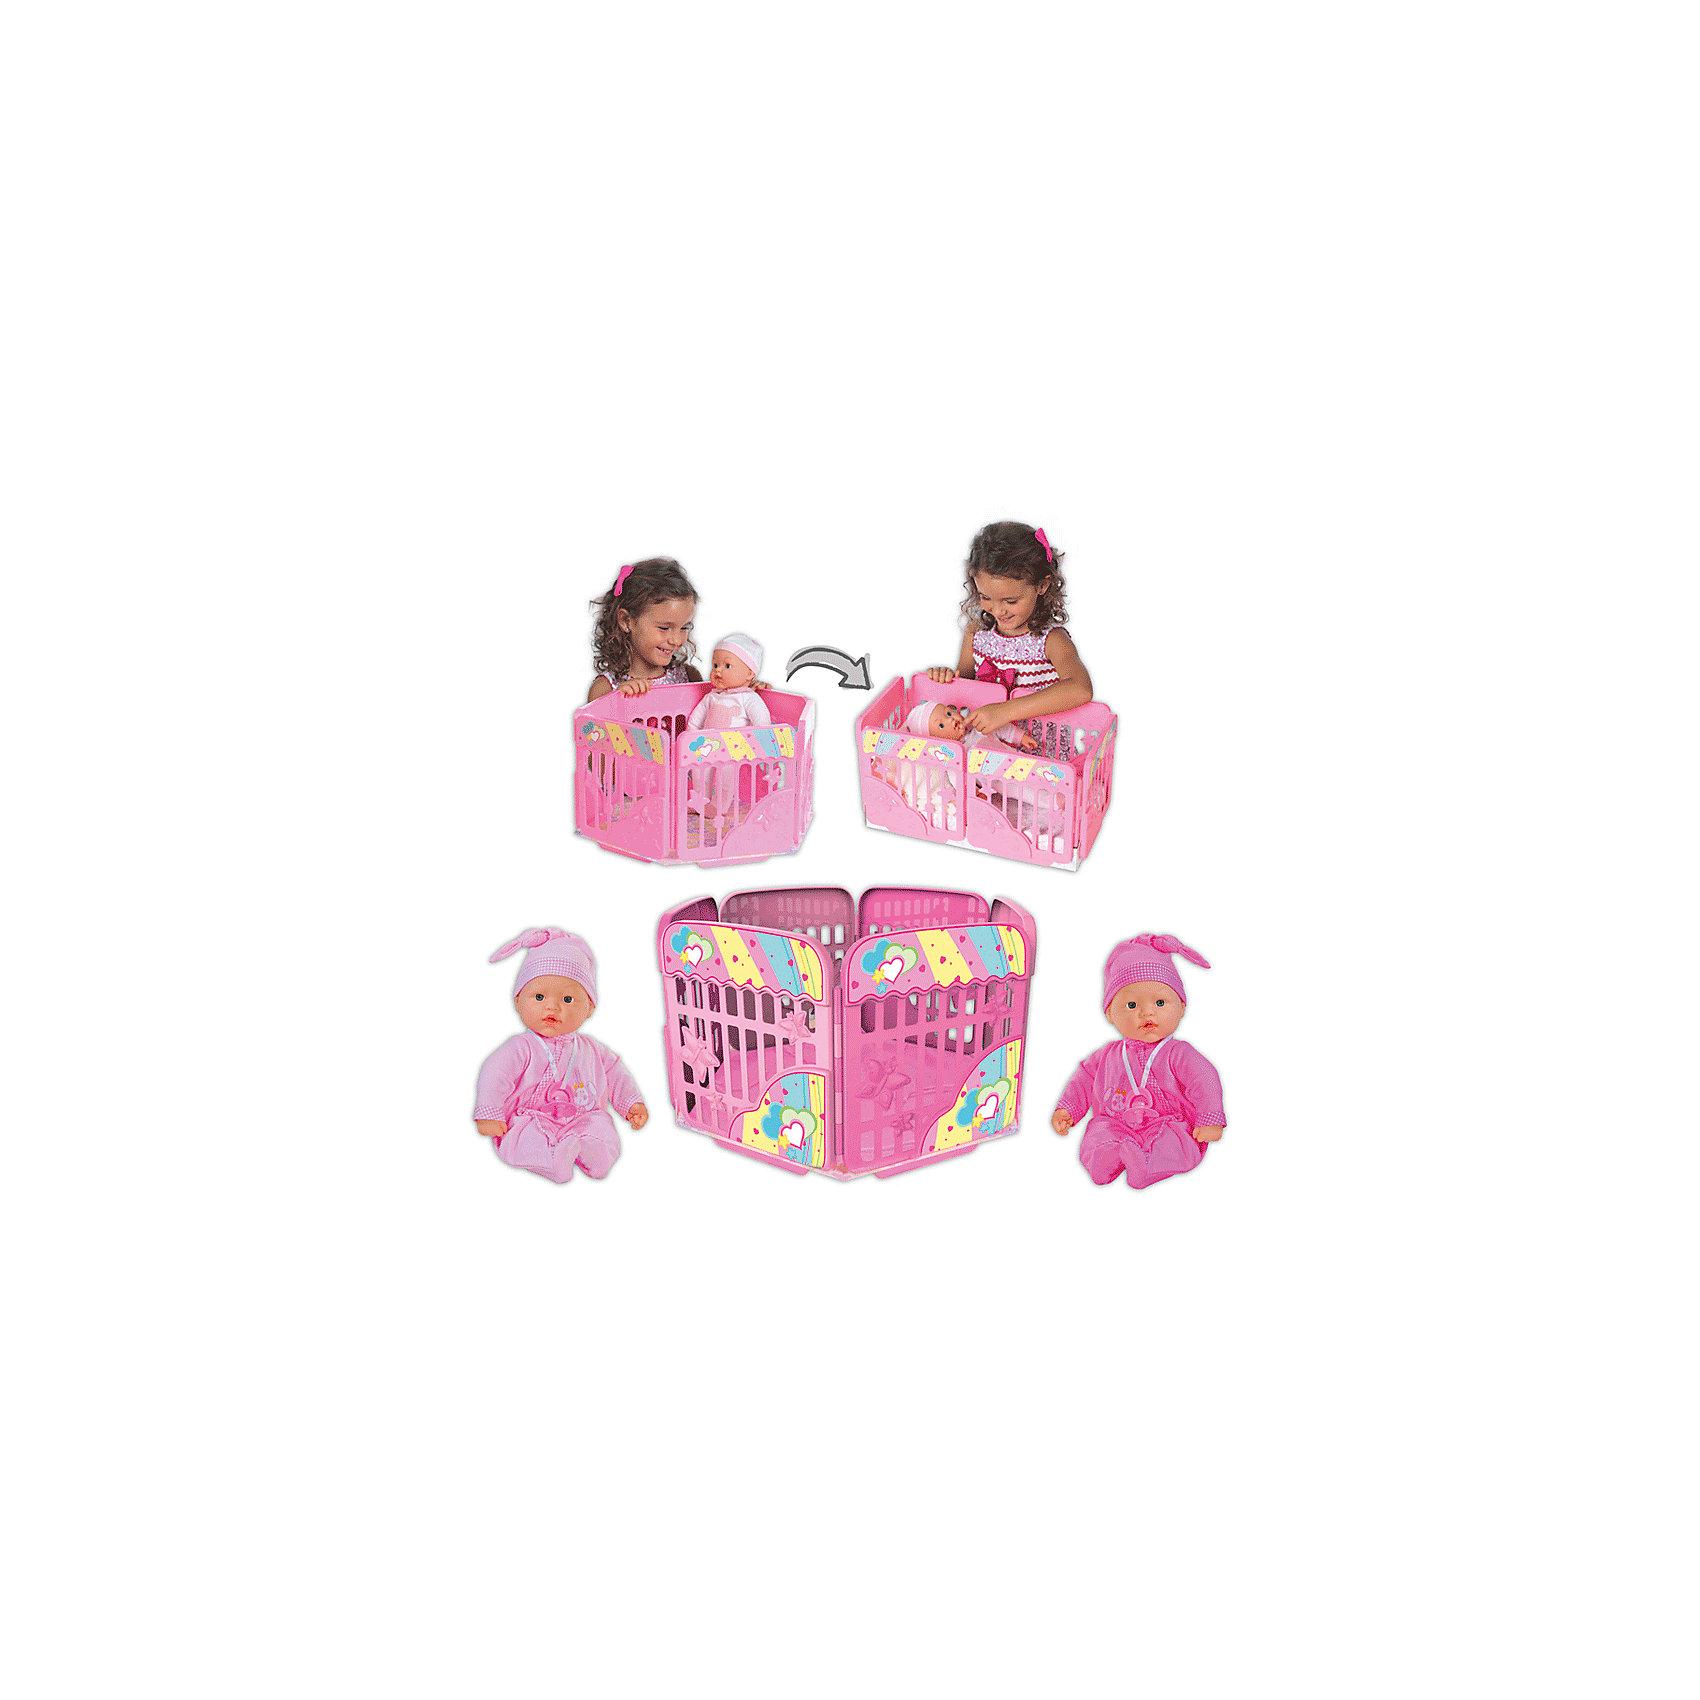 Кукла My Dolly Sucette с игровой площадкой, Loko ToysКуклы-пупсы<br>Характеристики товара:<br><br>• возраст: от 1,5 лет;<br>• материал: пластик, текстиль, ПВХ;<br>• в комплекте: кукла, игровая площадка, соска;<br>• высота куклы: 37 см;<br>• размер упаковки: 48х38х26 см;<br>• вес упаковки: 1,625 кг;<br>• страна производитель: Китай;<br>• товар представлен в ассортименте, нет возможности выбрать конкретную расцветку.<br><br>Кукла «My Dolly Sucette» Loko Toys с игровой площадкой одета в розовый мягкий костюм и чепчик. Днем кукла будет играть в веселые игры на игровой площадке, окруженной высокими бортиками для безопасности. Вечером, когда пупс захочет поспать, площадка трансформируется в удобную кроватку. Игра с куклой привьет девочке любовь, чувство ответственности, заботы и помощи окружающим. <br><br>Куклу «My Dolly Sucette» Loko Toys с игровой площадкой можно приобрести в нашем интернет-магазине.<br><br>Ширина мм: 480<br>Глубина мм: 260<br>Высота мм: 380<br>Вес г: 1625<br>Возраст от месяцев: 18<br>Возраст до месяцев: 2147483647<br>Пол: Женский<br>Возраст: Детский<br>SKU: 6759070